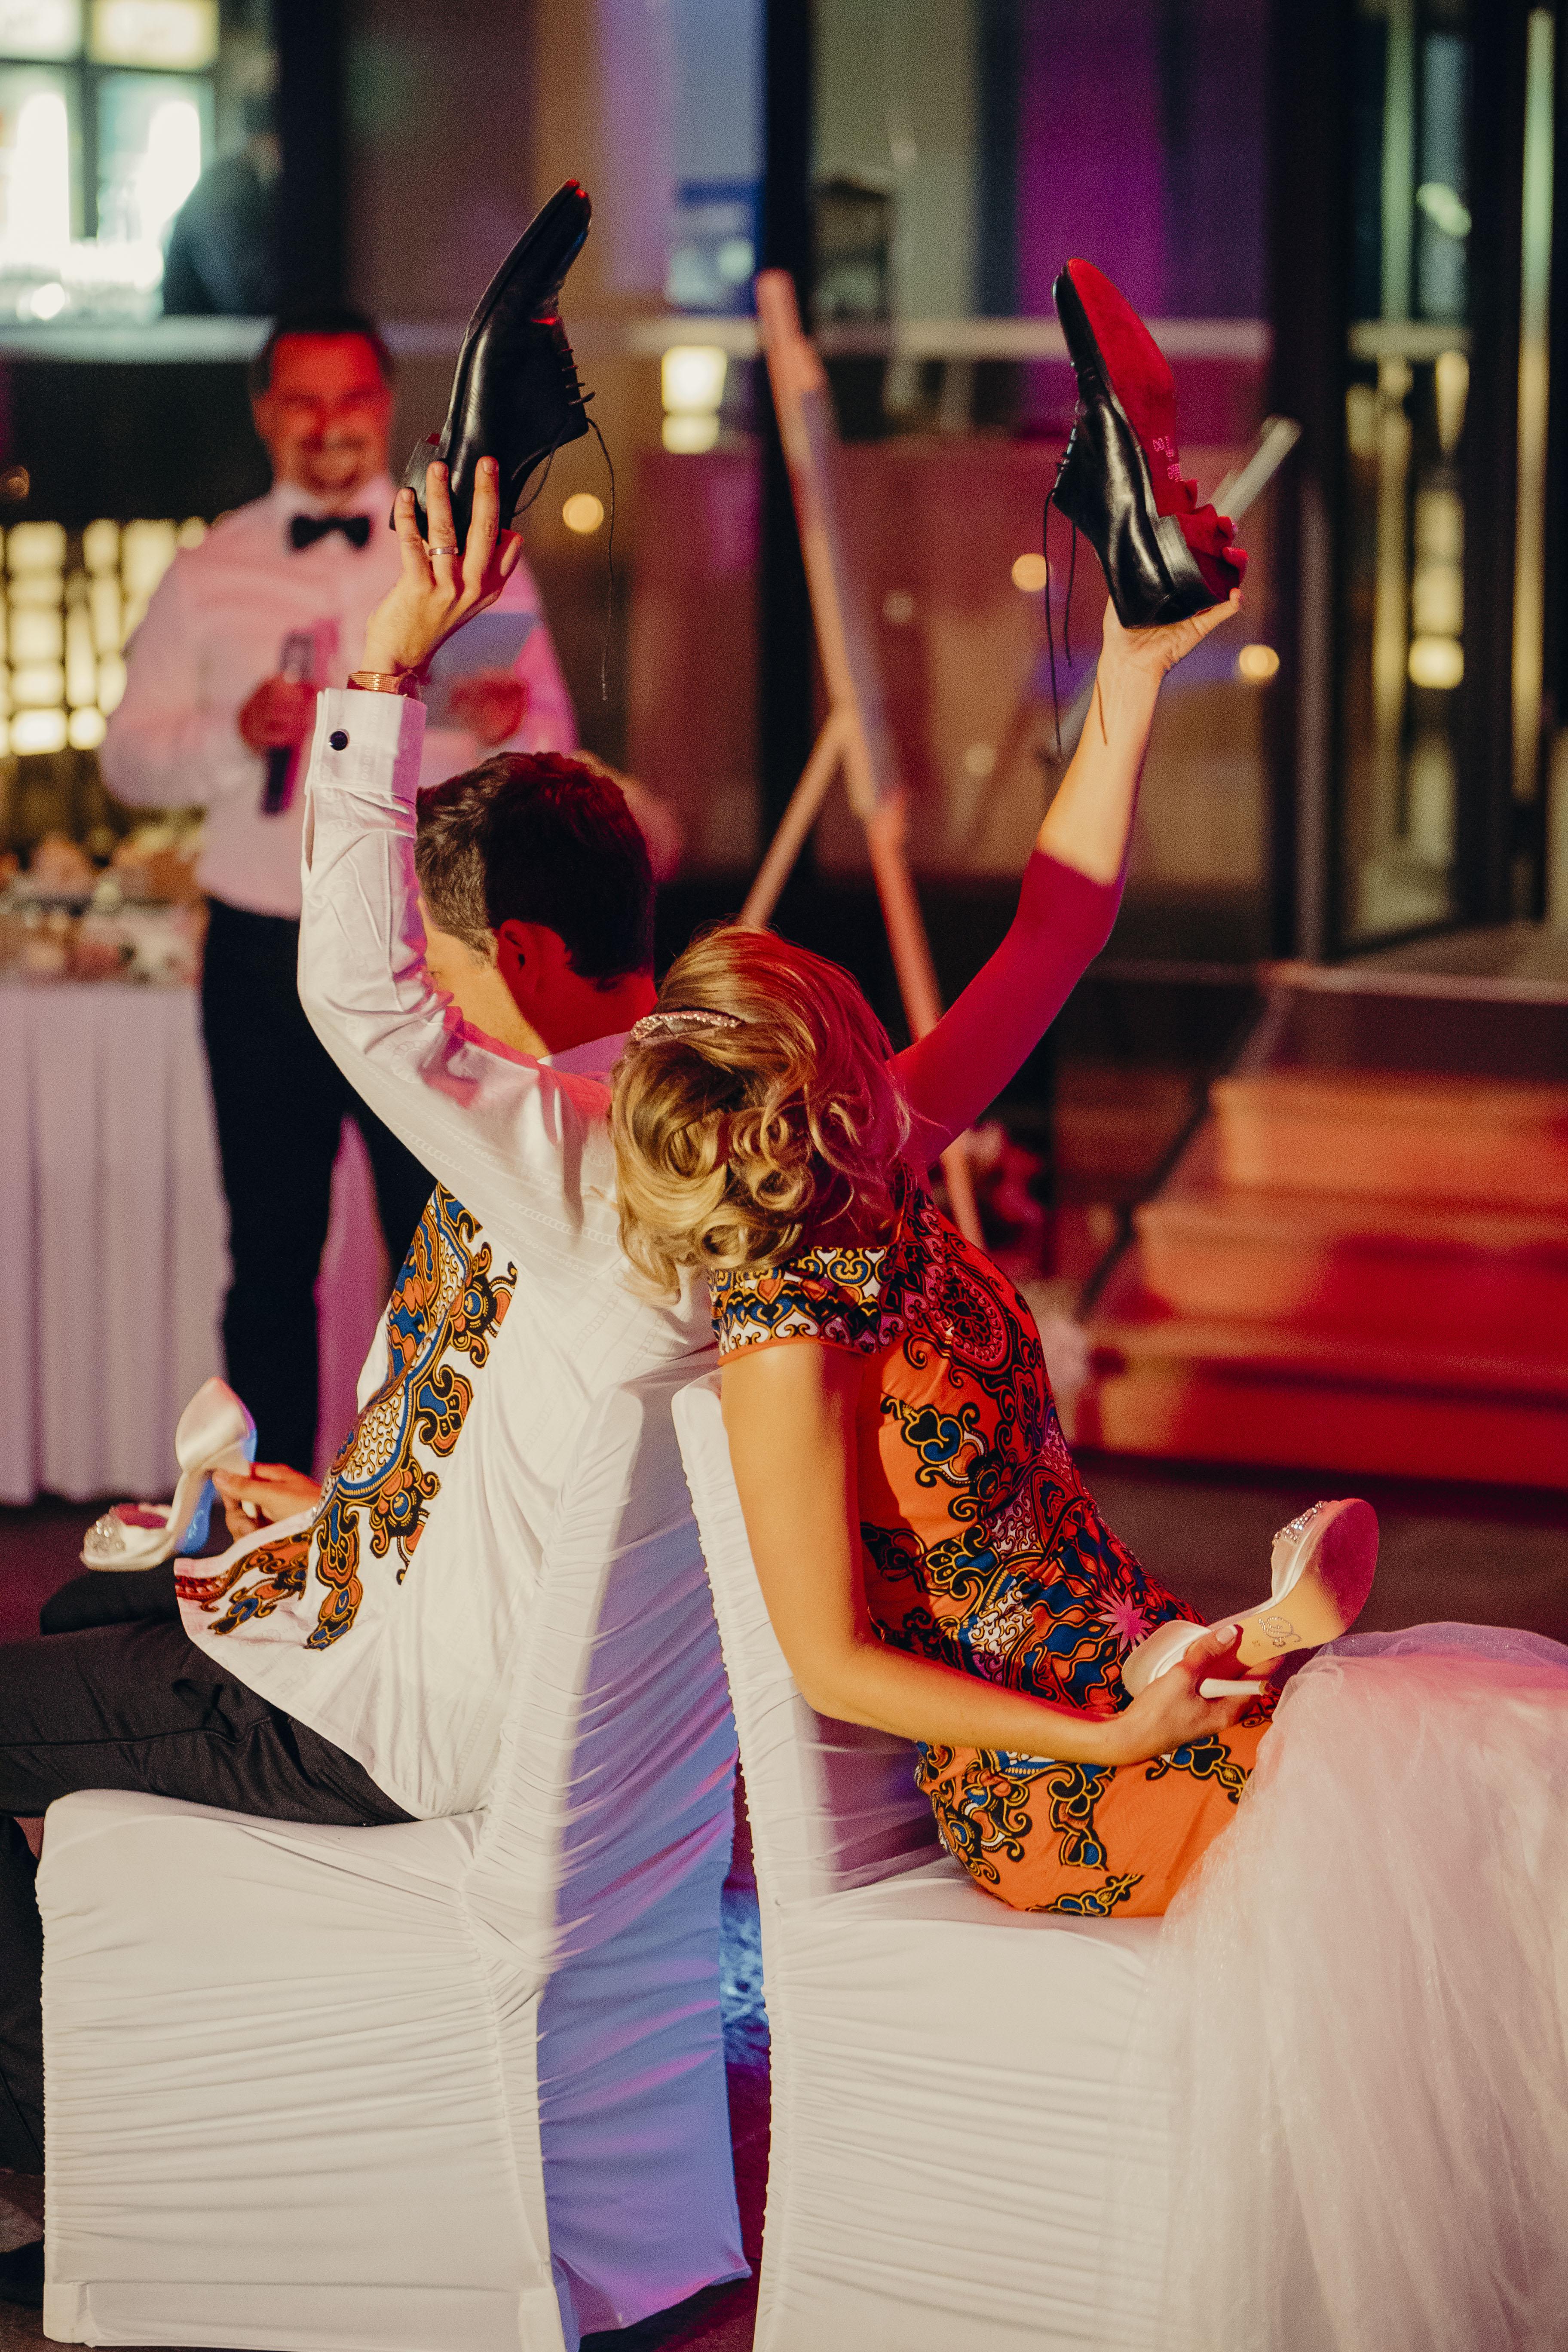 Svadba SALAMANDRA RESORT HOTEL 05, #svadobnyDJ, #svadba, #Salamandrahotel